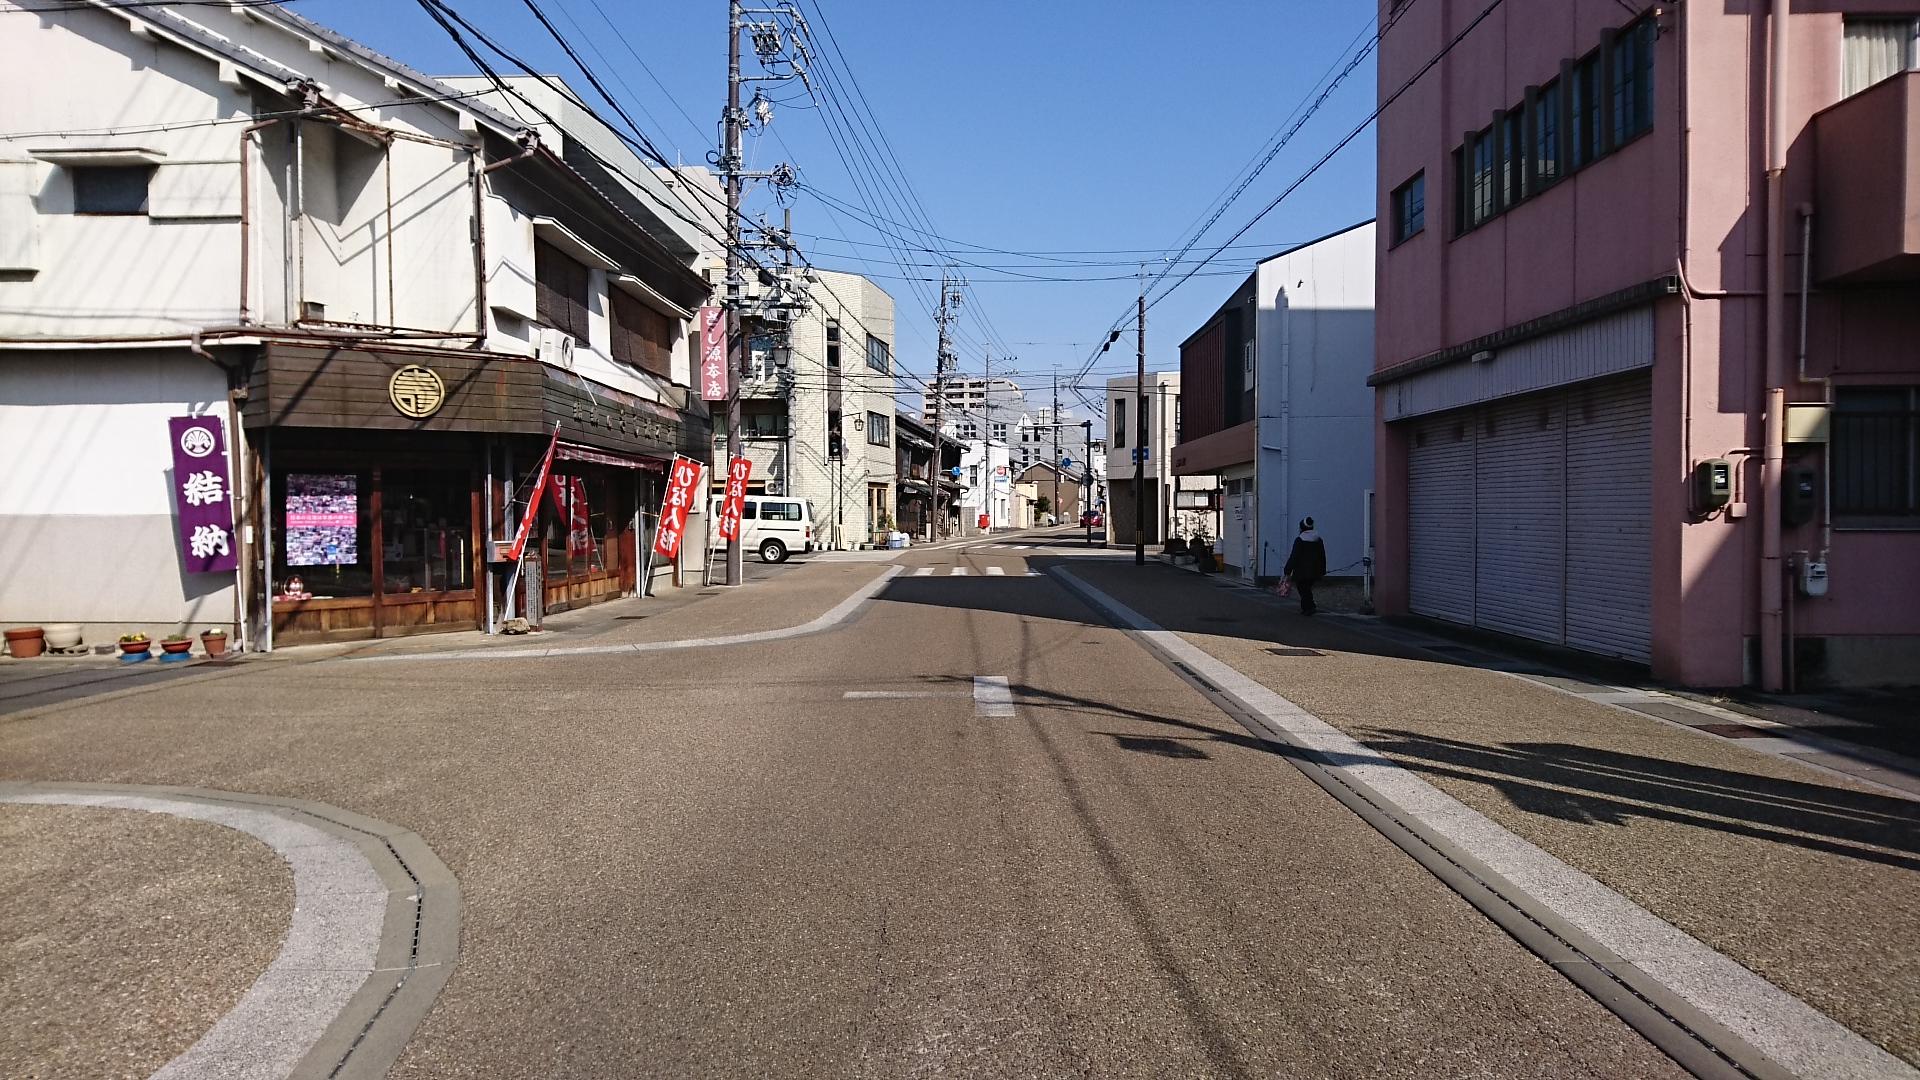 2018.2.19 岐阜 (134) さし源本店 1920-1080